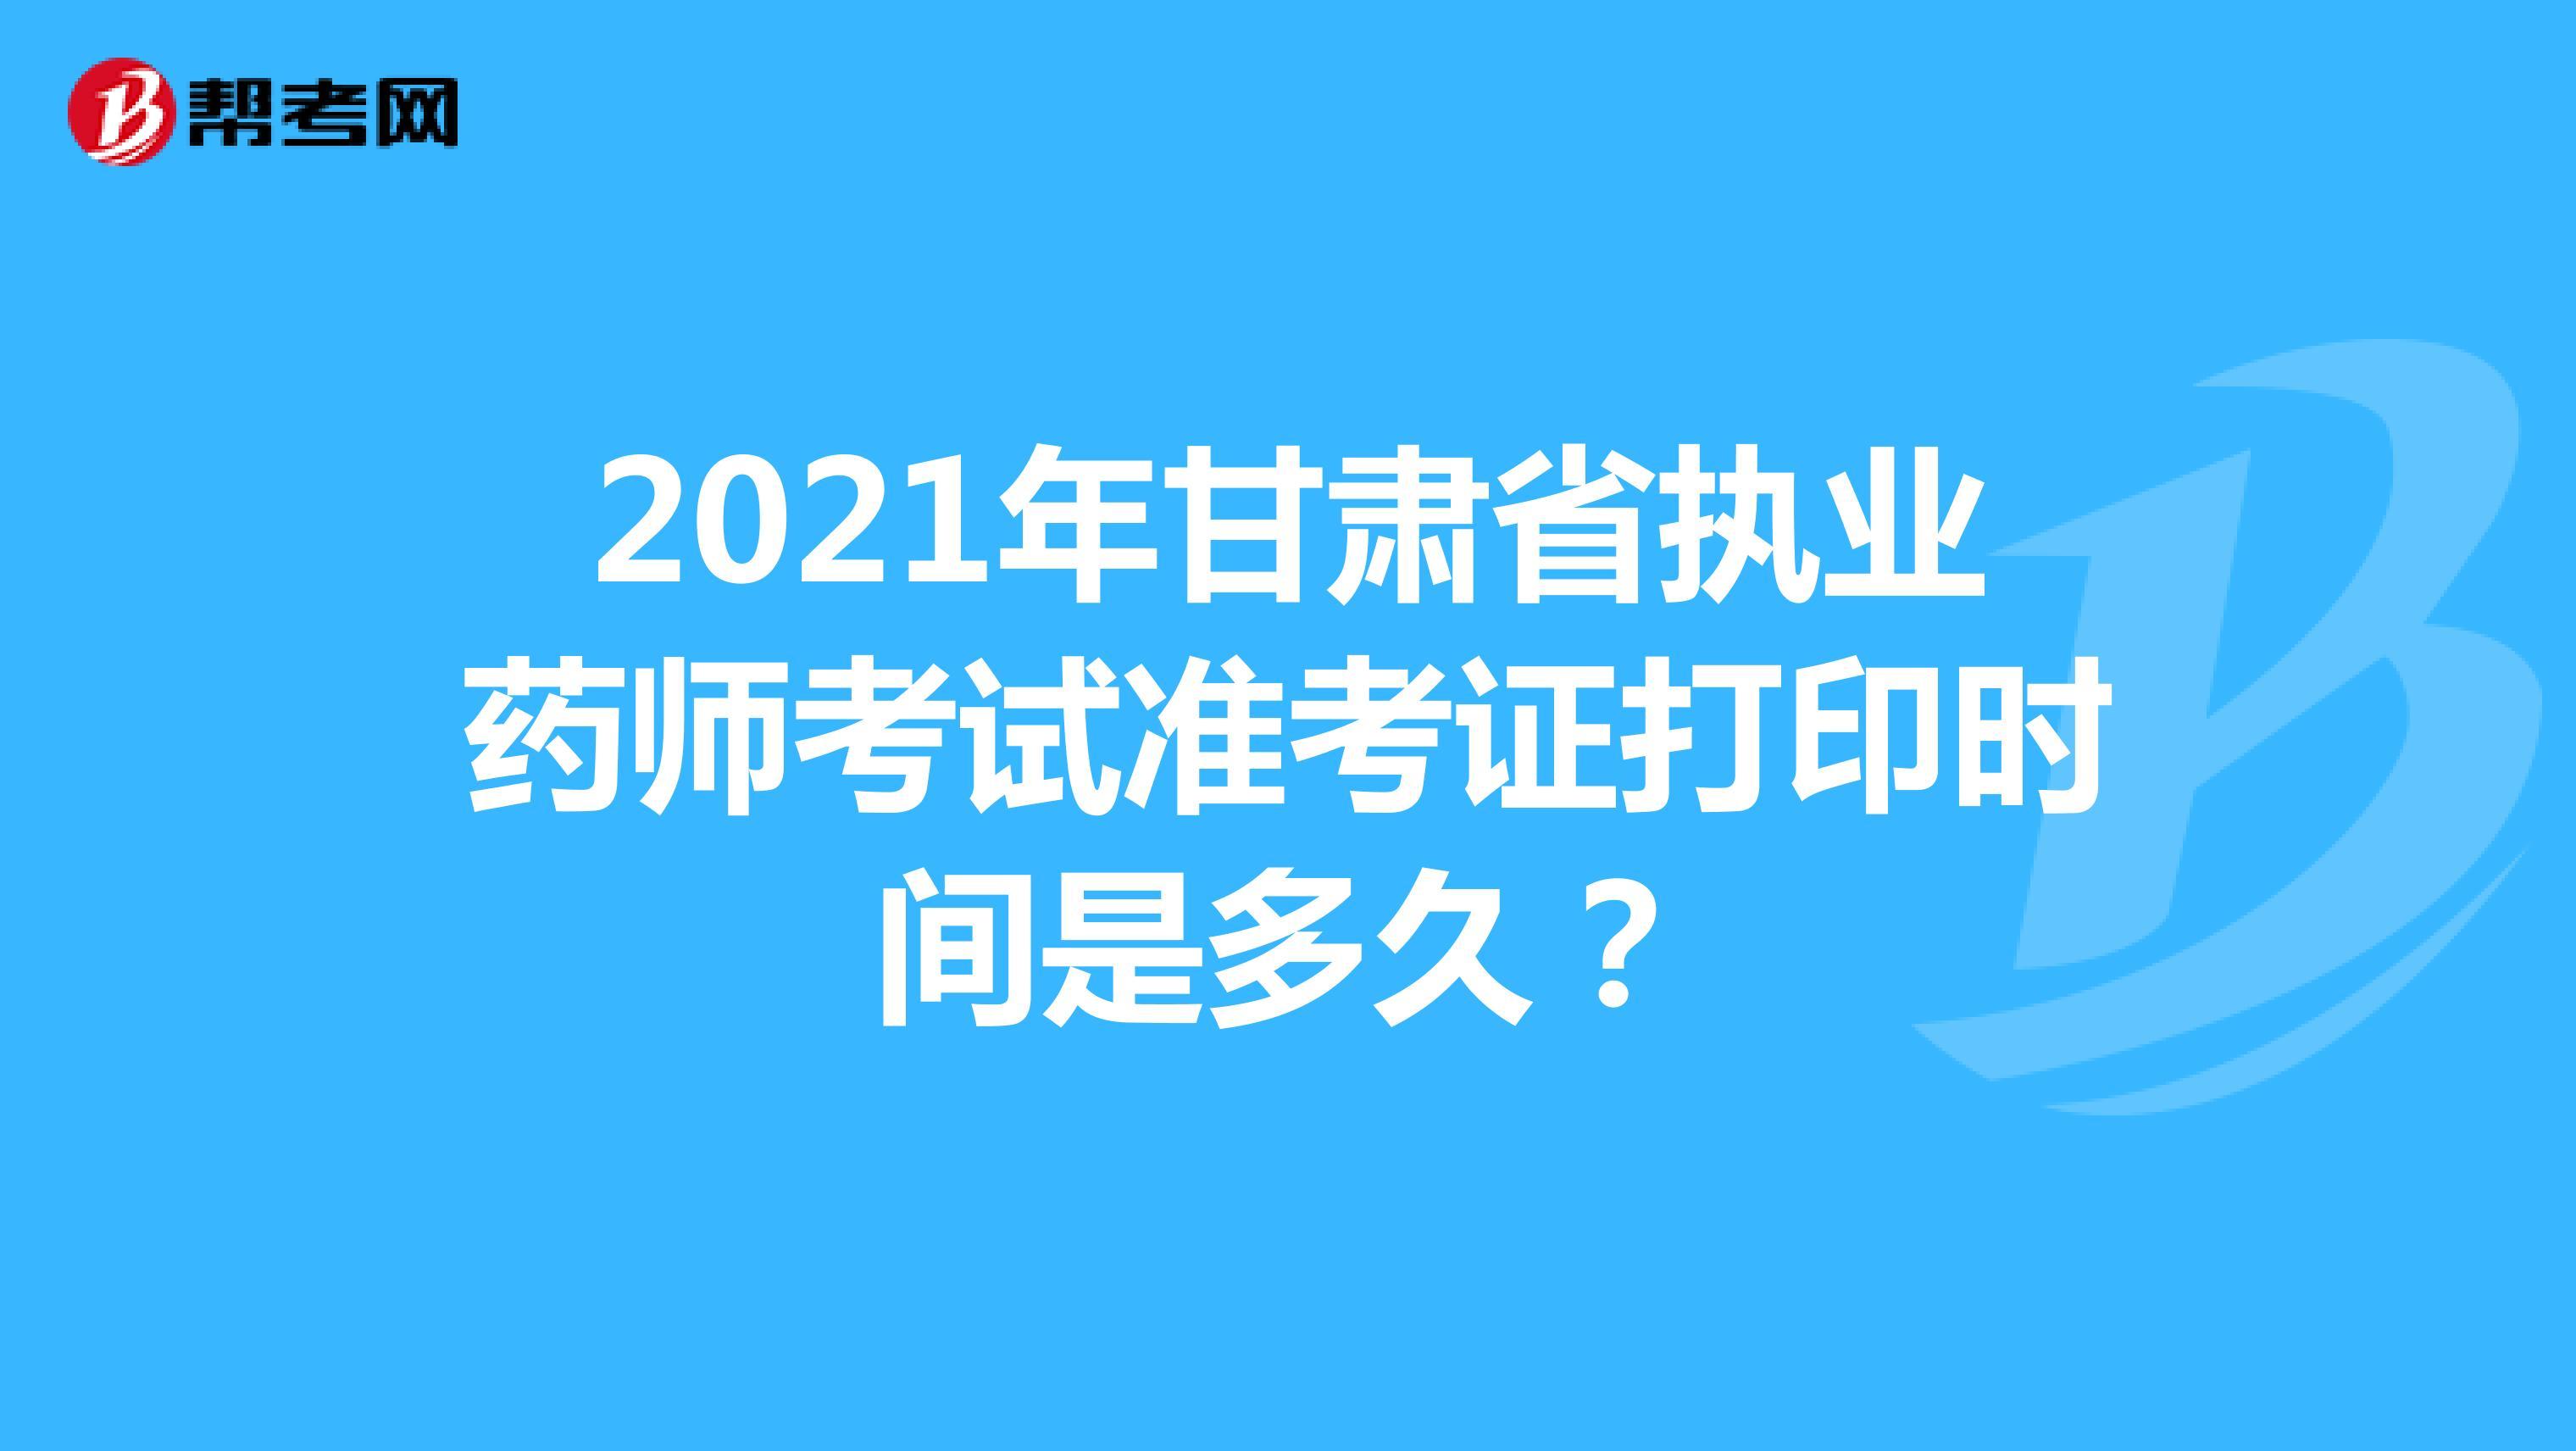 2021年甘肃省执业药师考试准考证打印时间是多久?